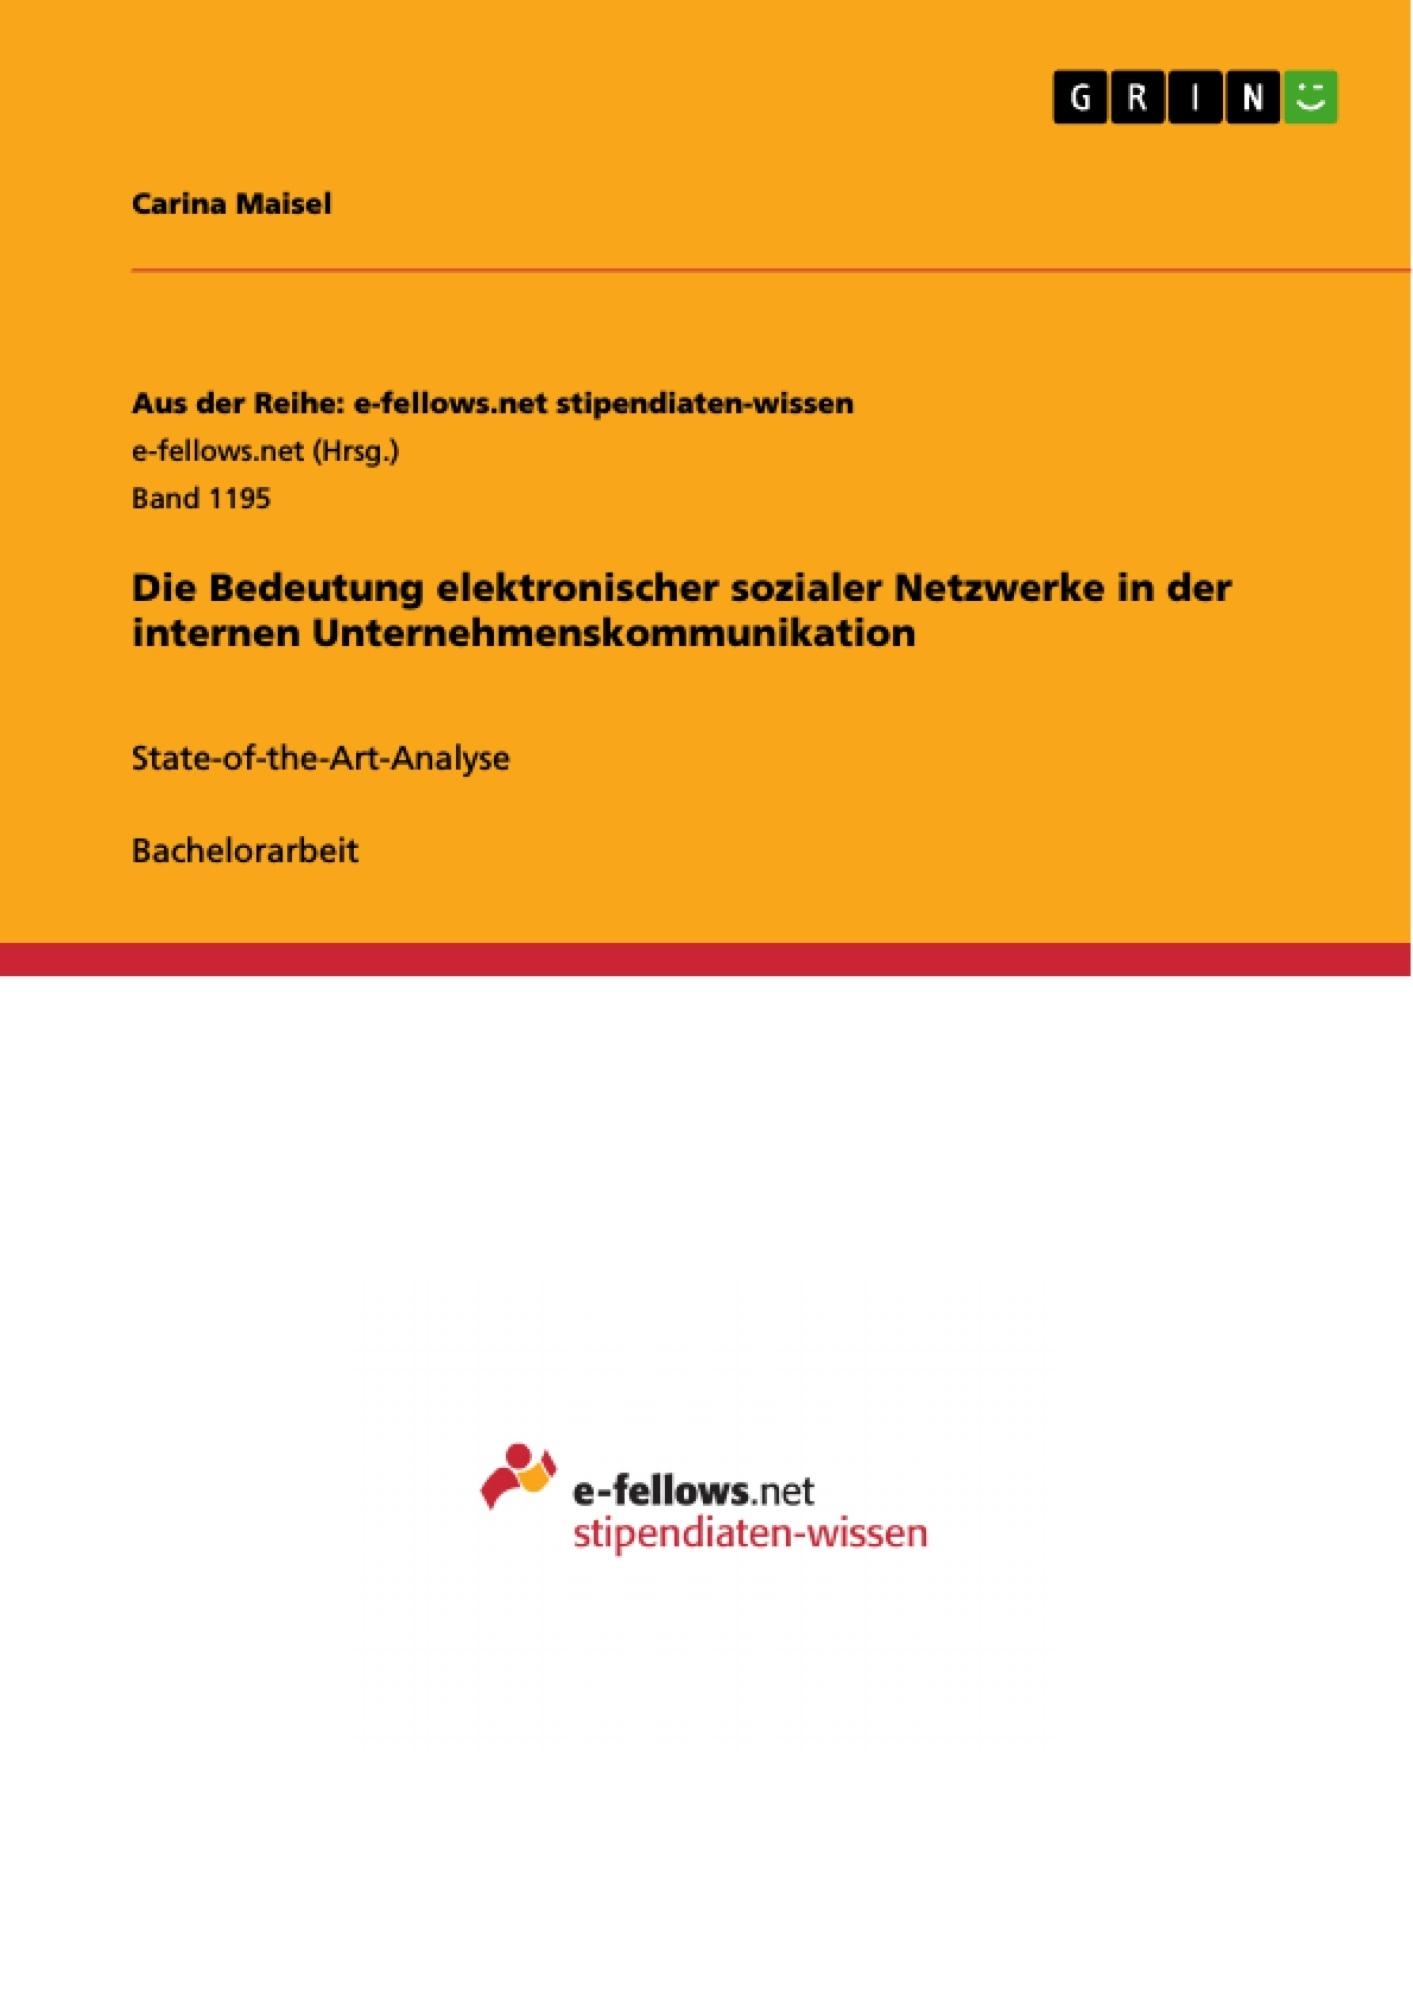 Titel: Die Bedeutung elektronischer sozialer Netzwerke in der internen Unternehmenskommunikation